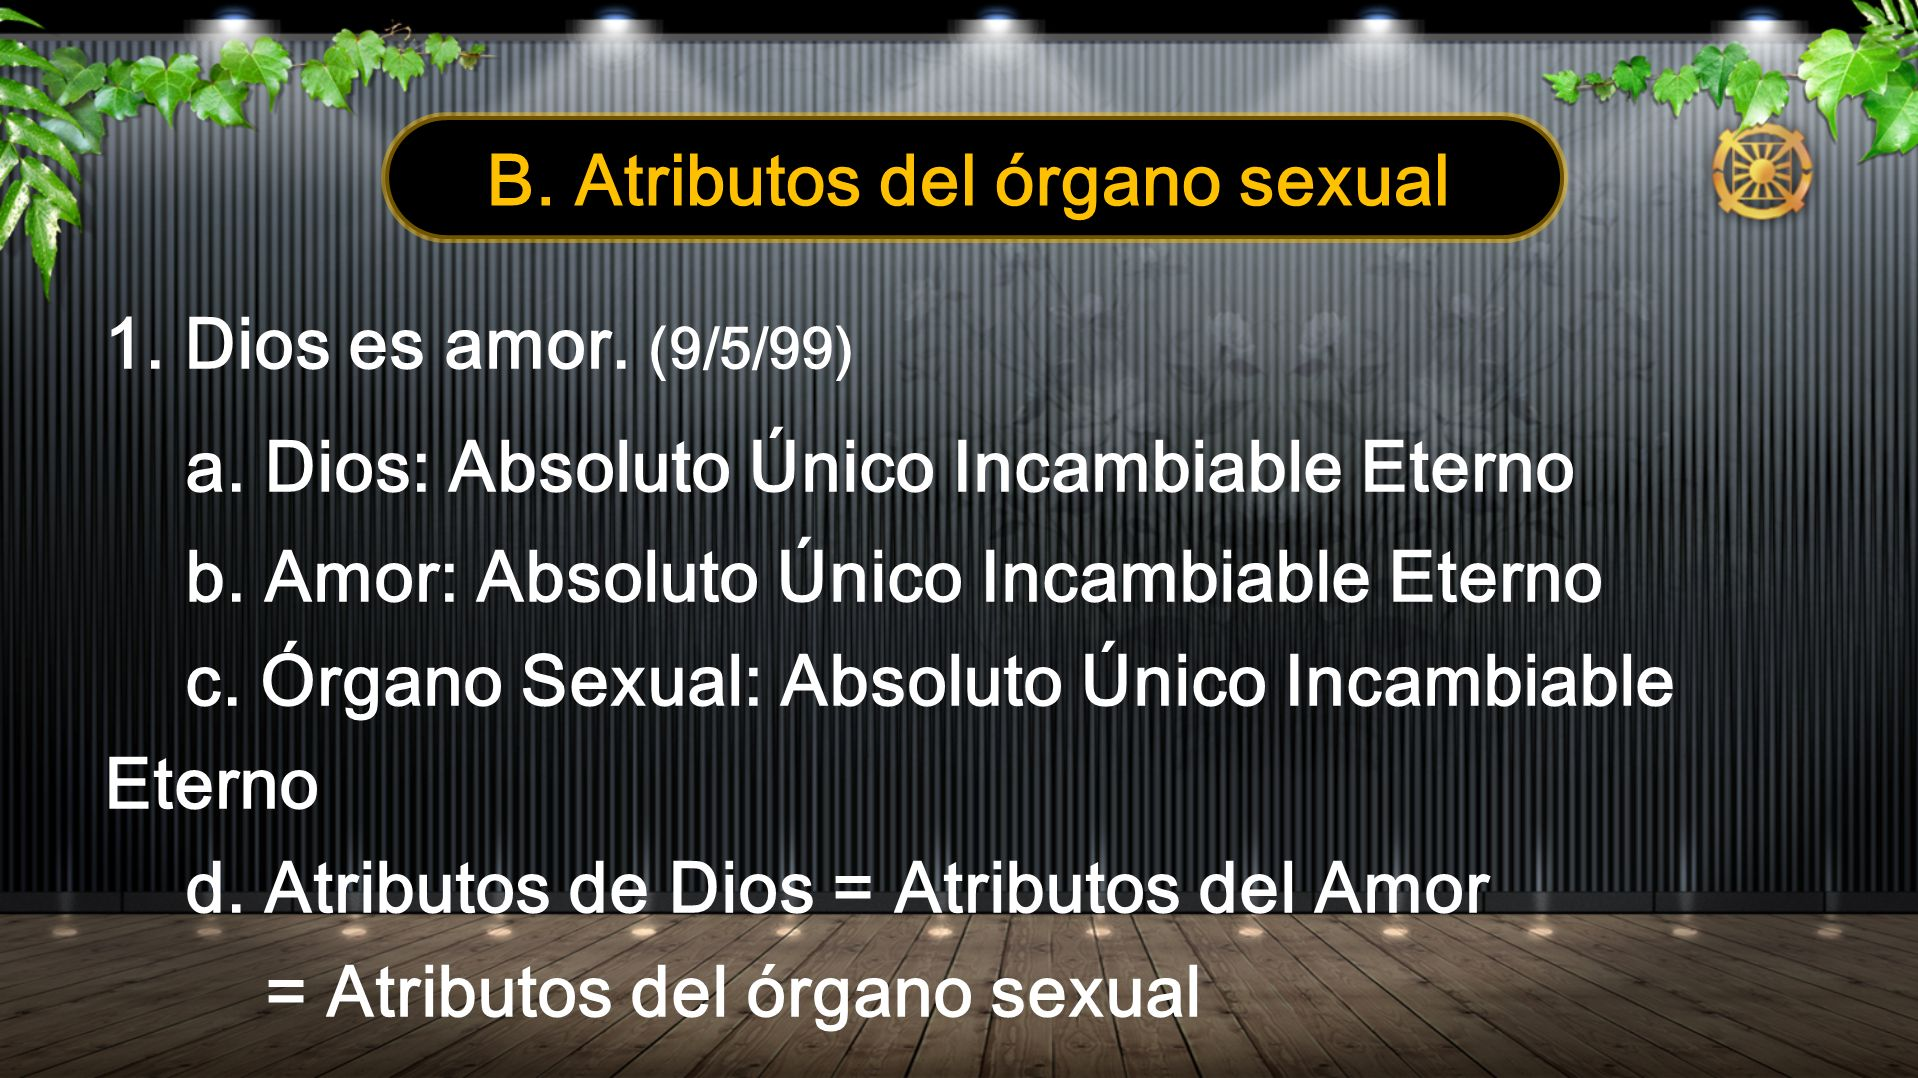 B. Atributos del órgano sexual 1. Dios es amor. (9/5/99) a. Dios: Absoluto Único Incambiable Eterno b. Amor: Absoluto Único Incambiable Eterno c. Órga